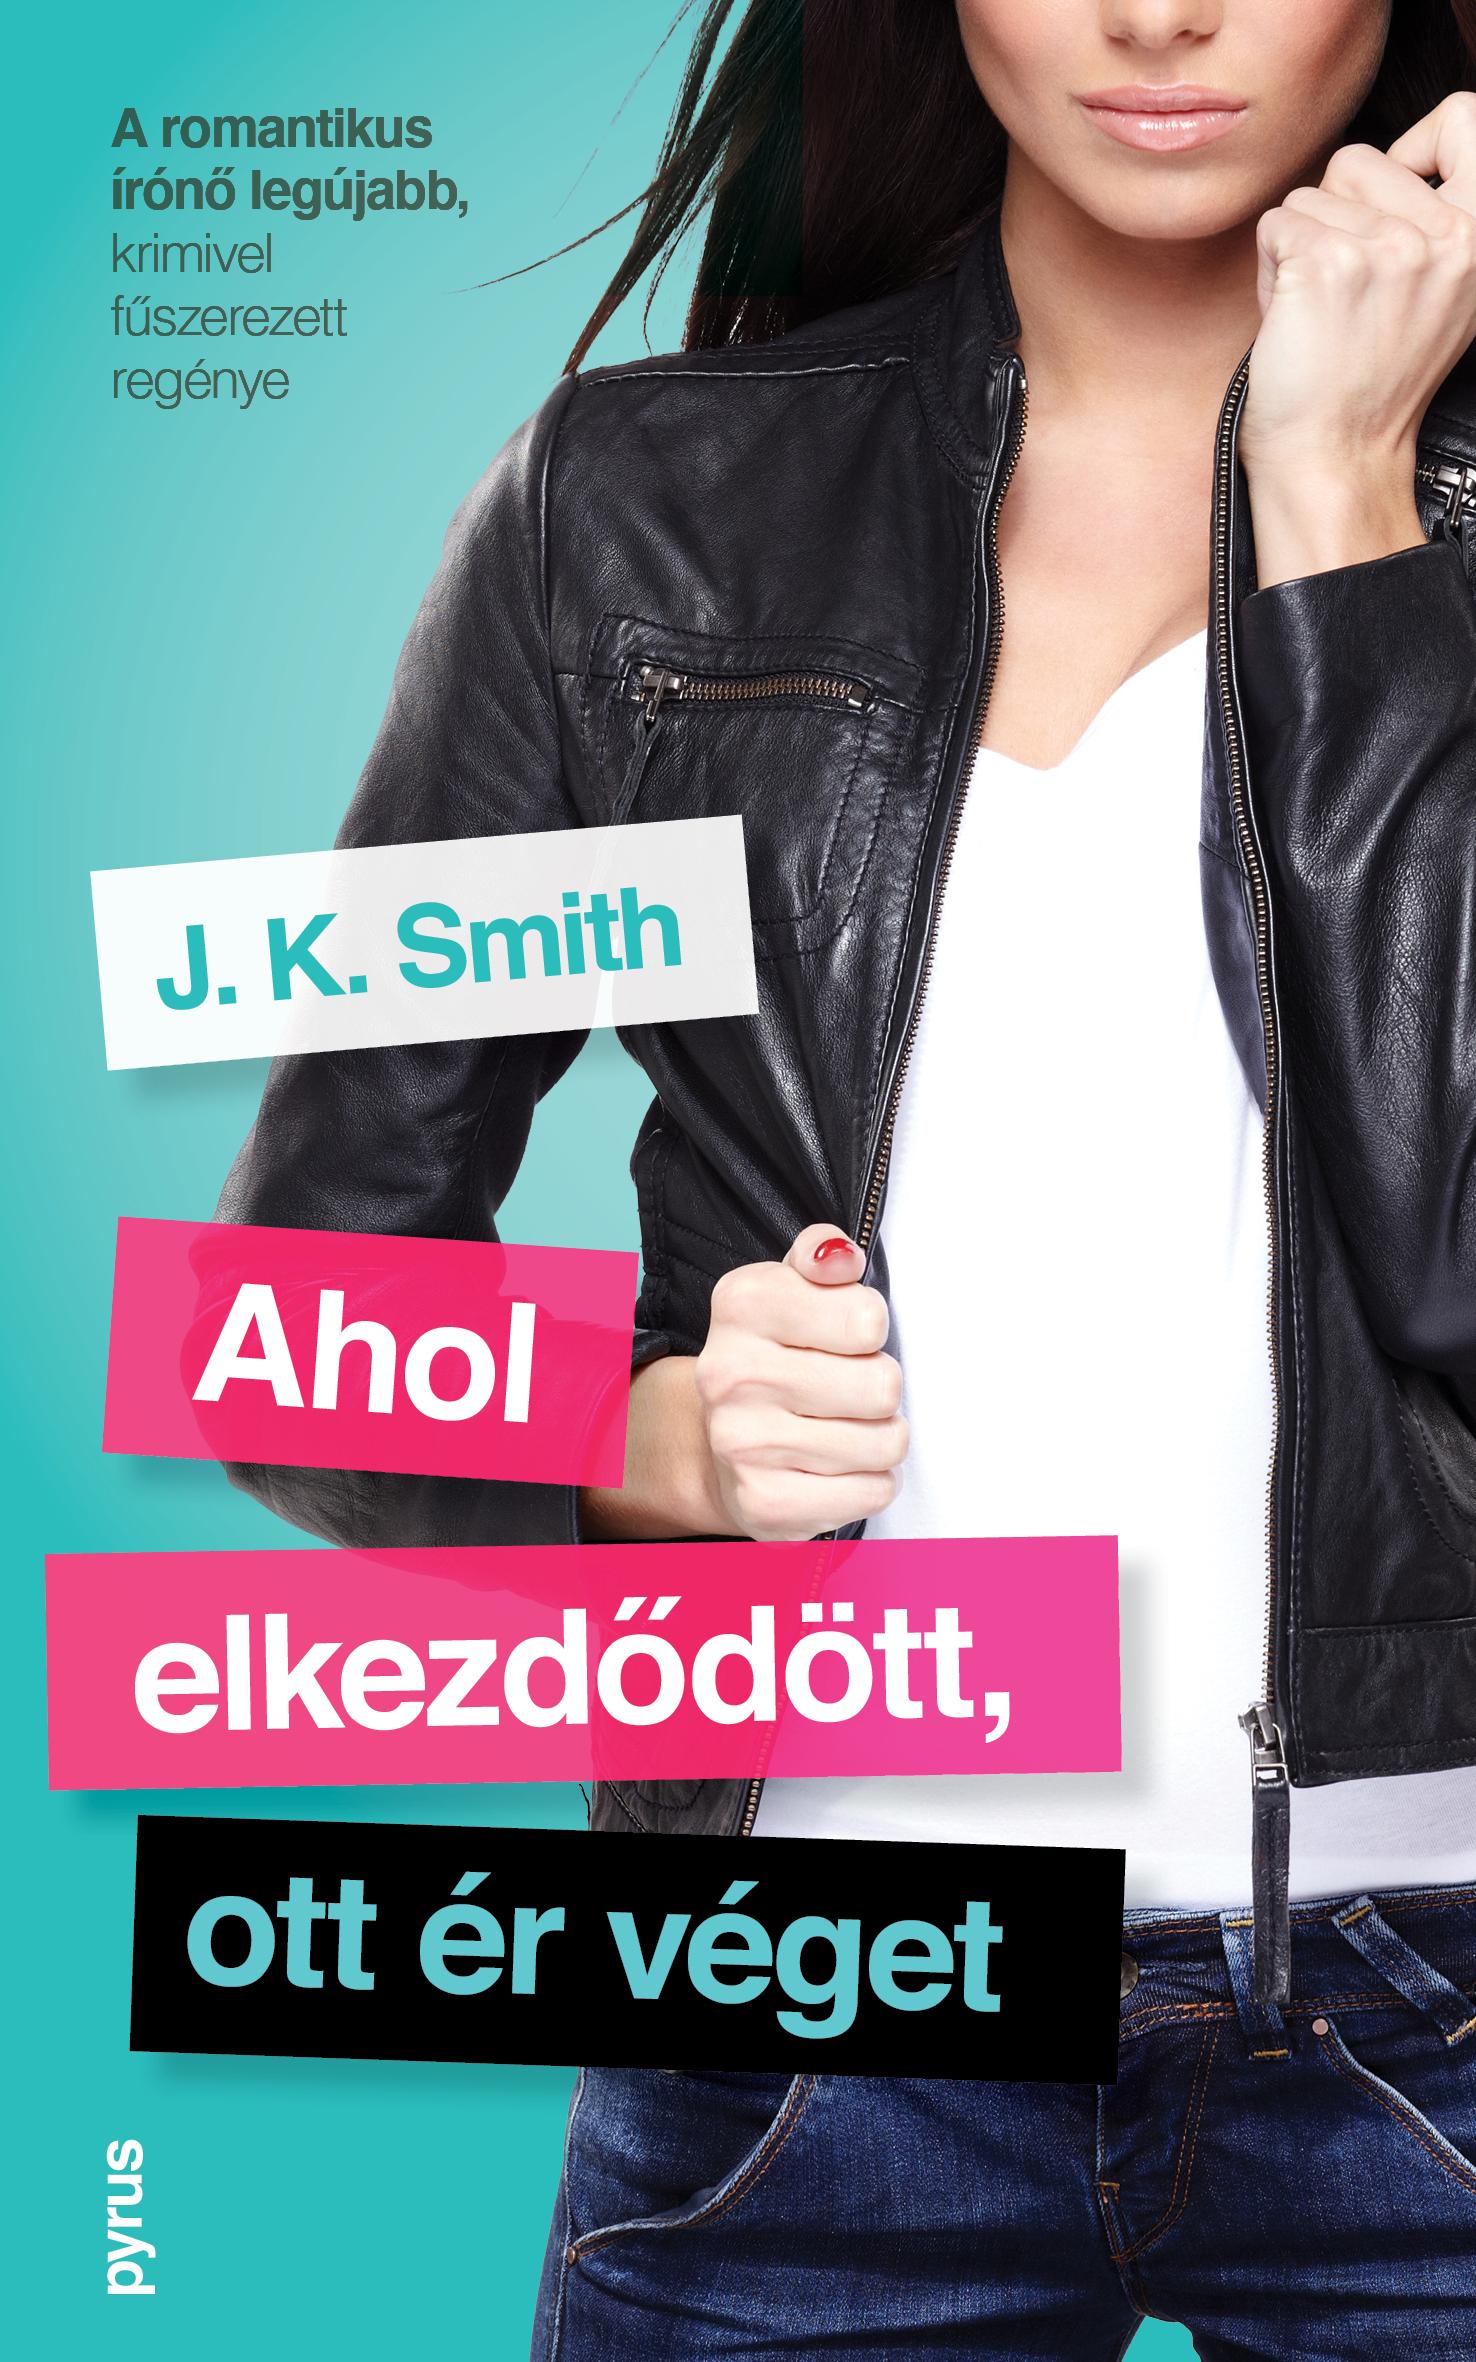 J.K. Smith - Ahol elkezdődött, ott ér véget